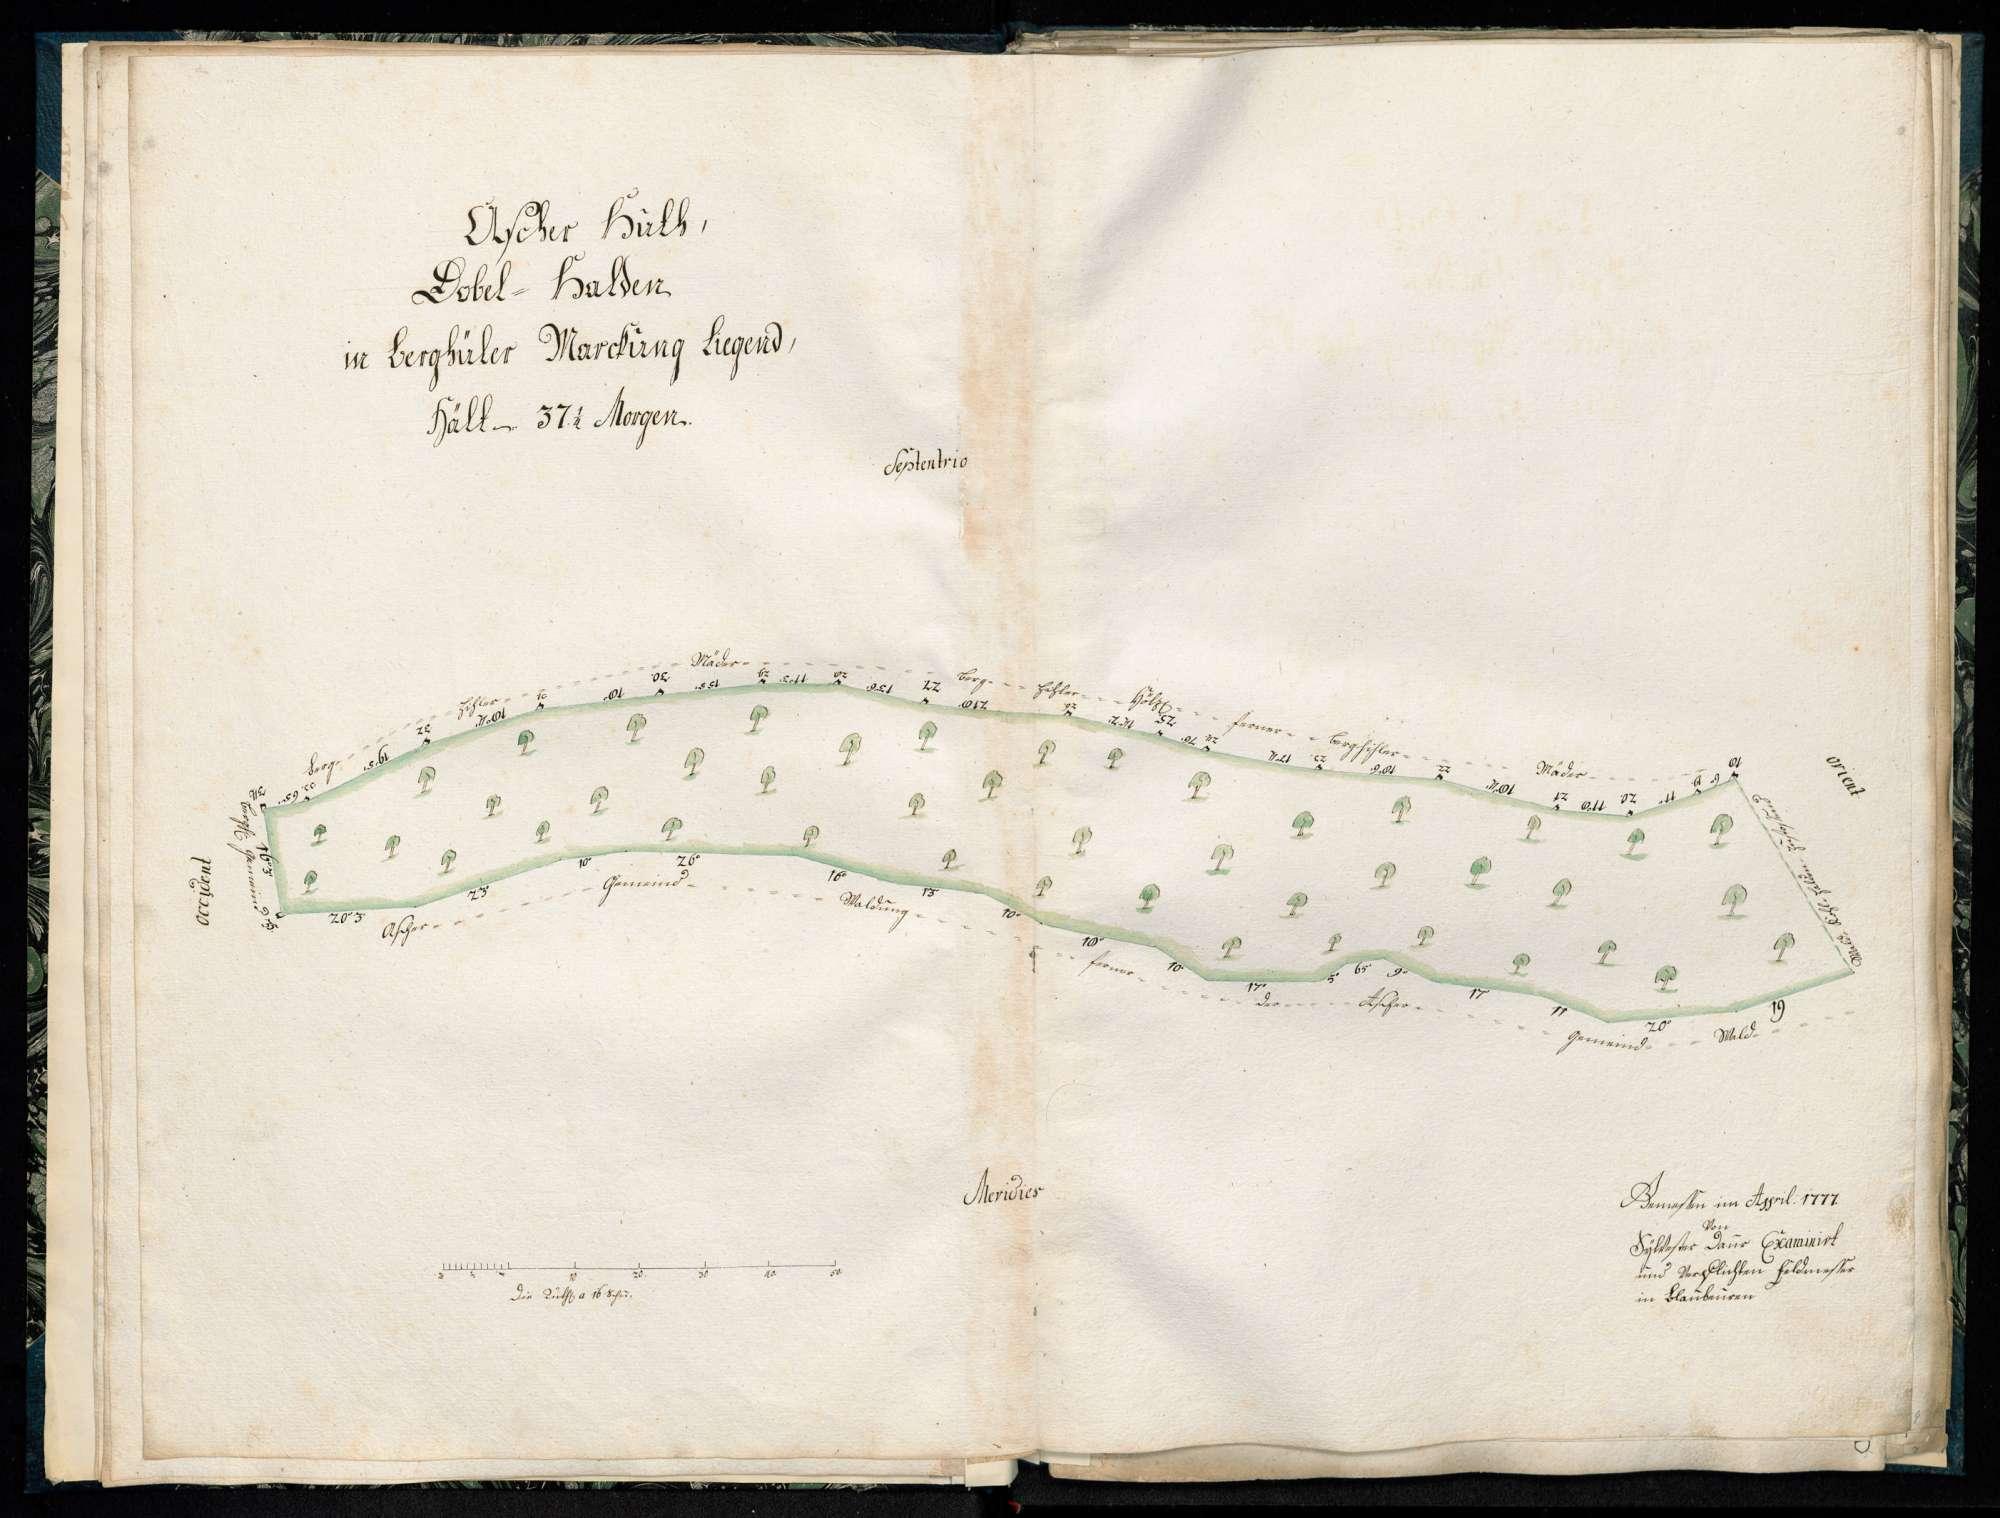 """""""Ascher Hut, Klein- und Großhagenbuch, Asch- et Bühlenhäuser Markung"""", Bild 1"""